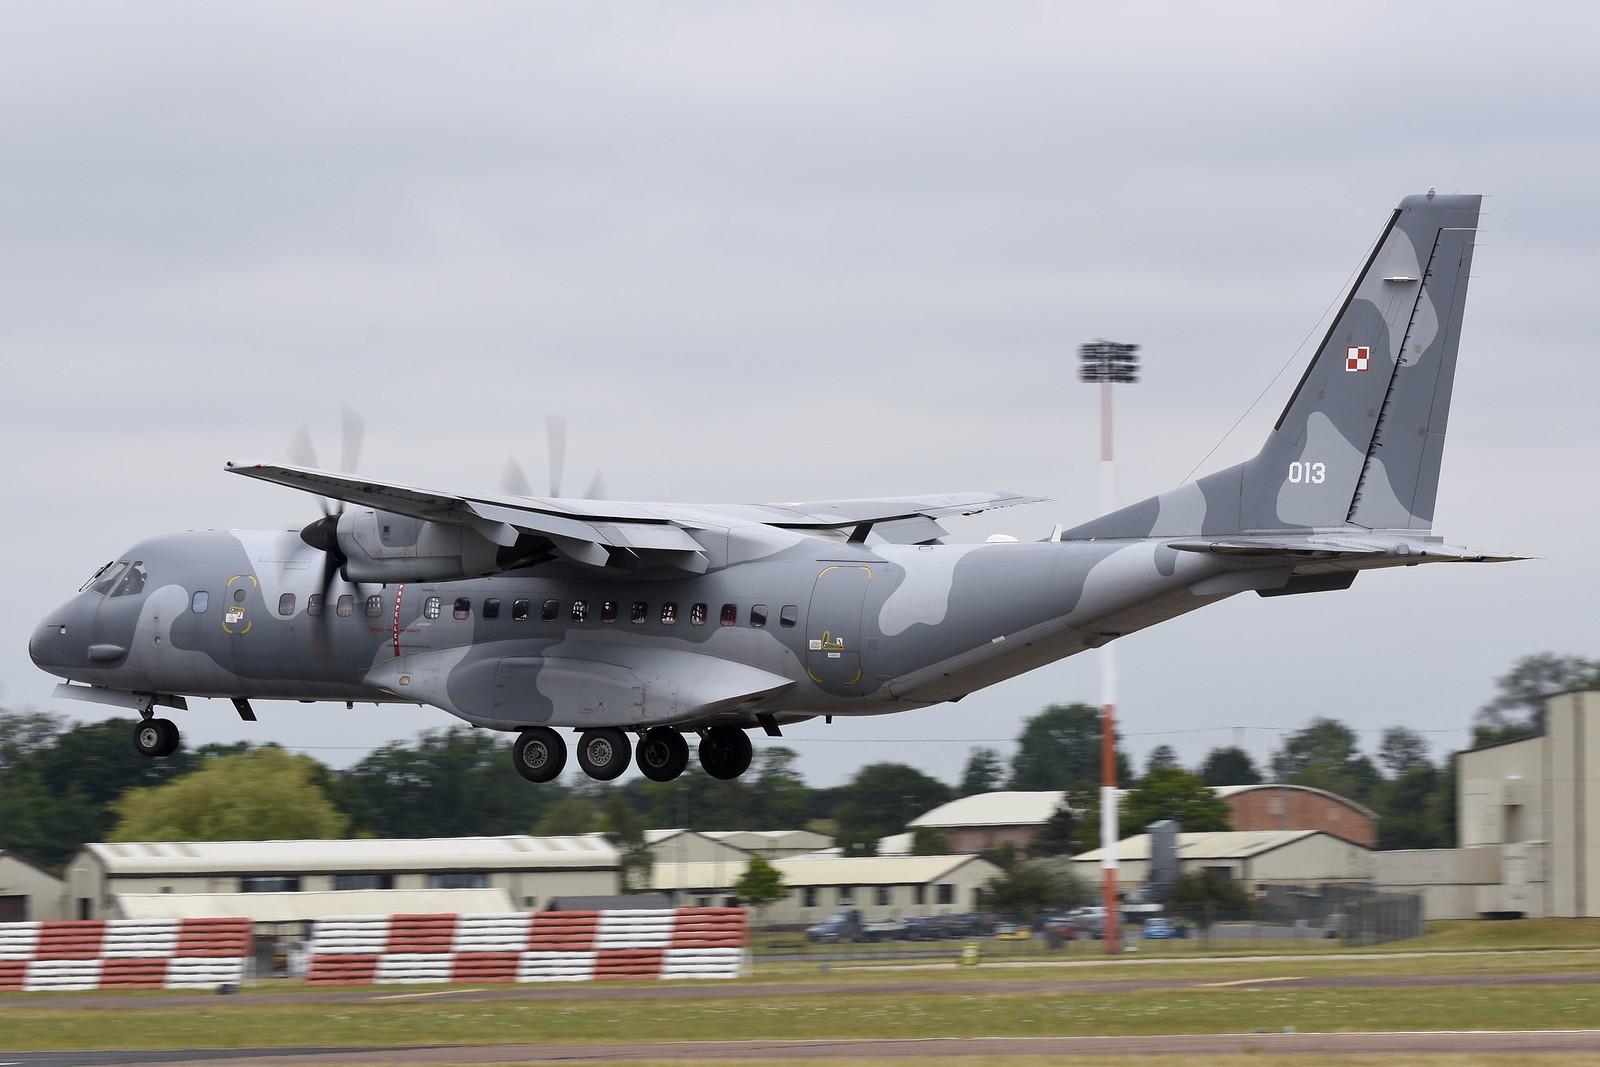 Tранспортни авиони 19094549753_35ce7d5251_h